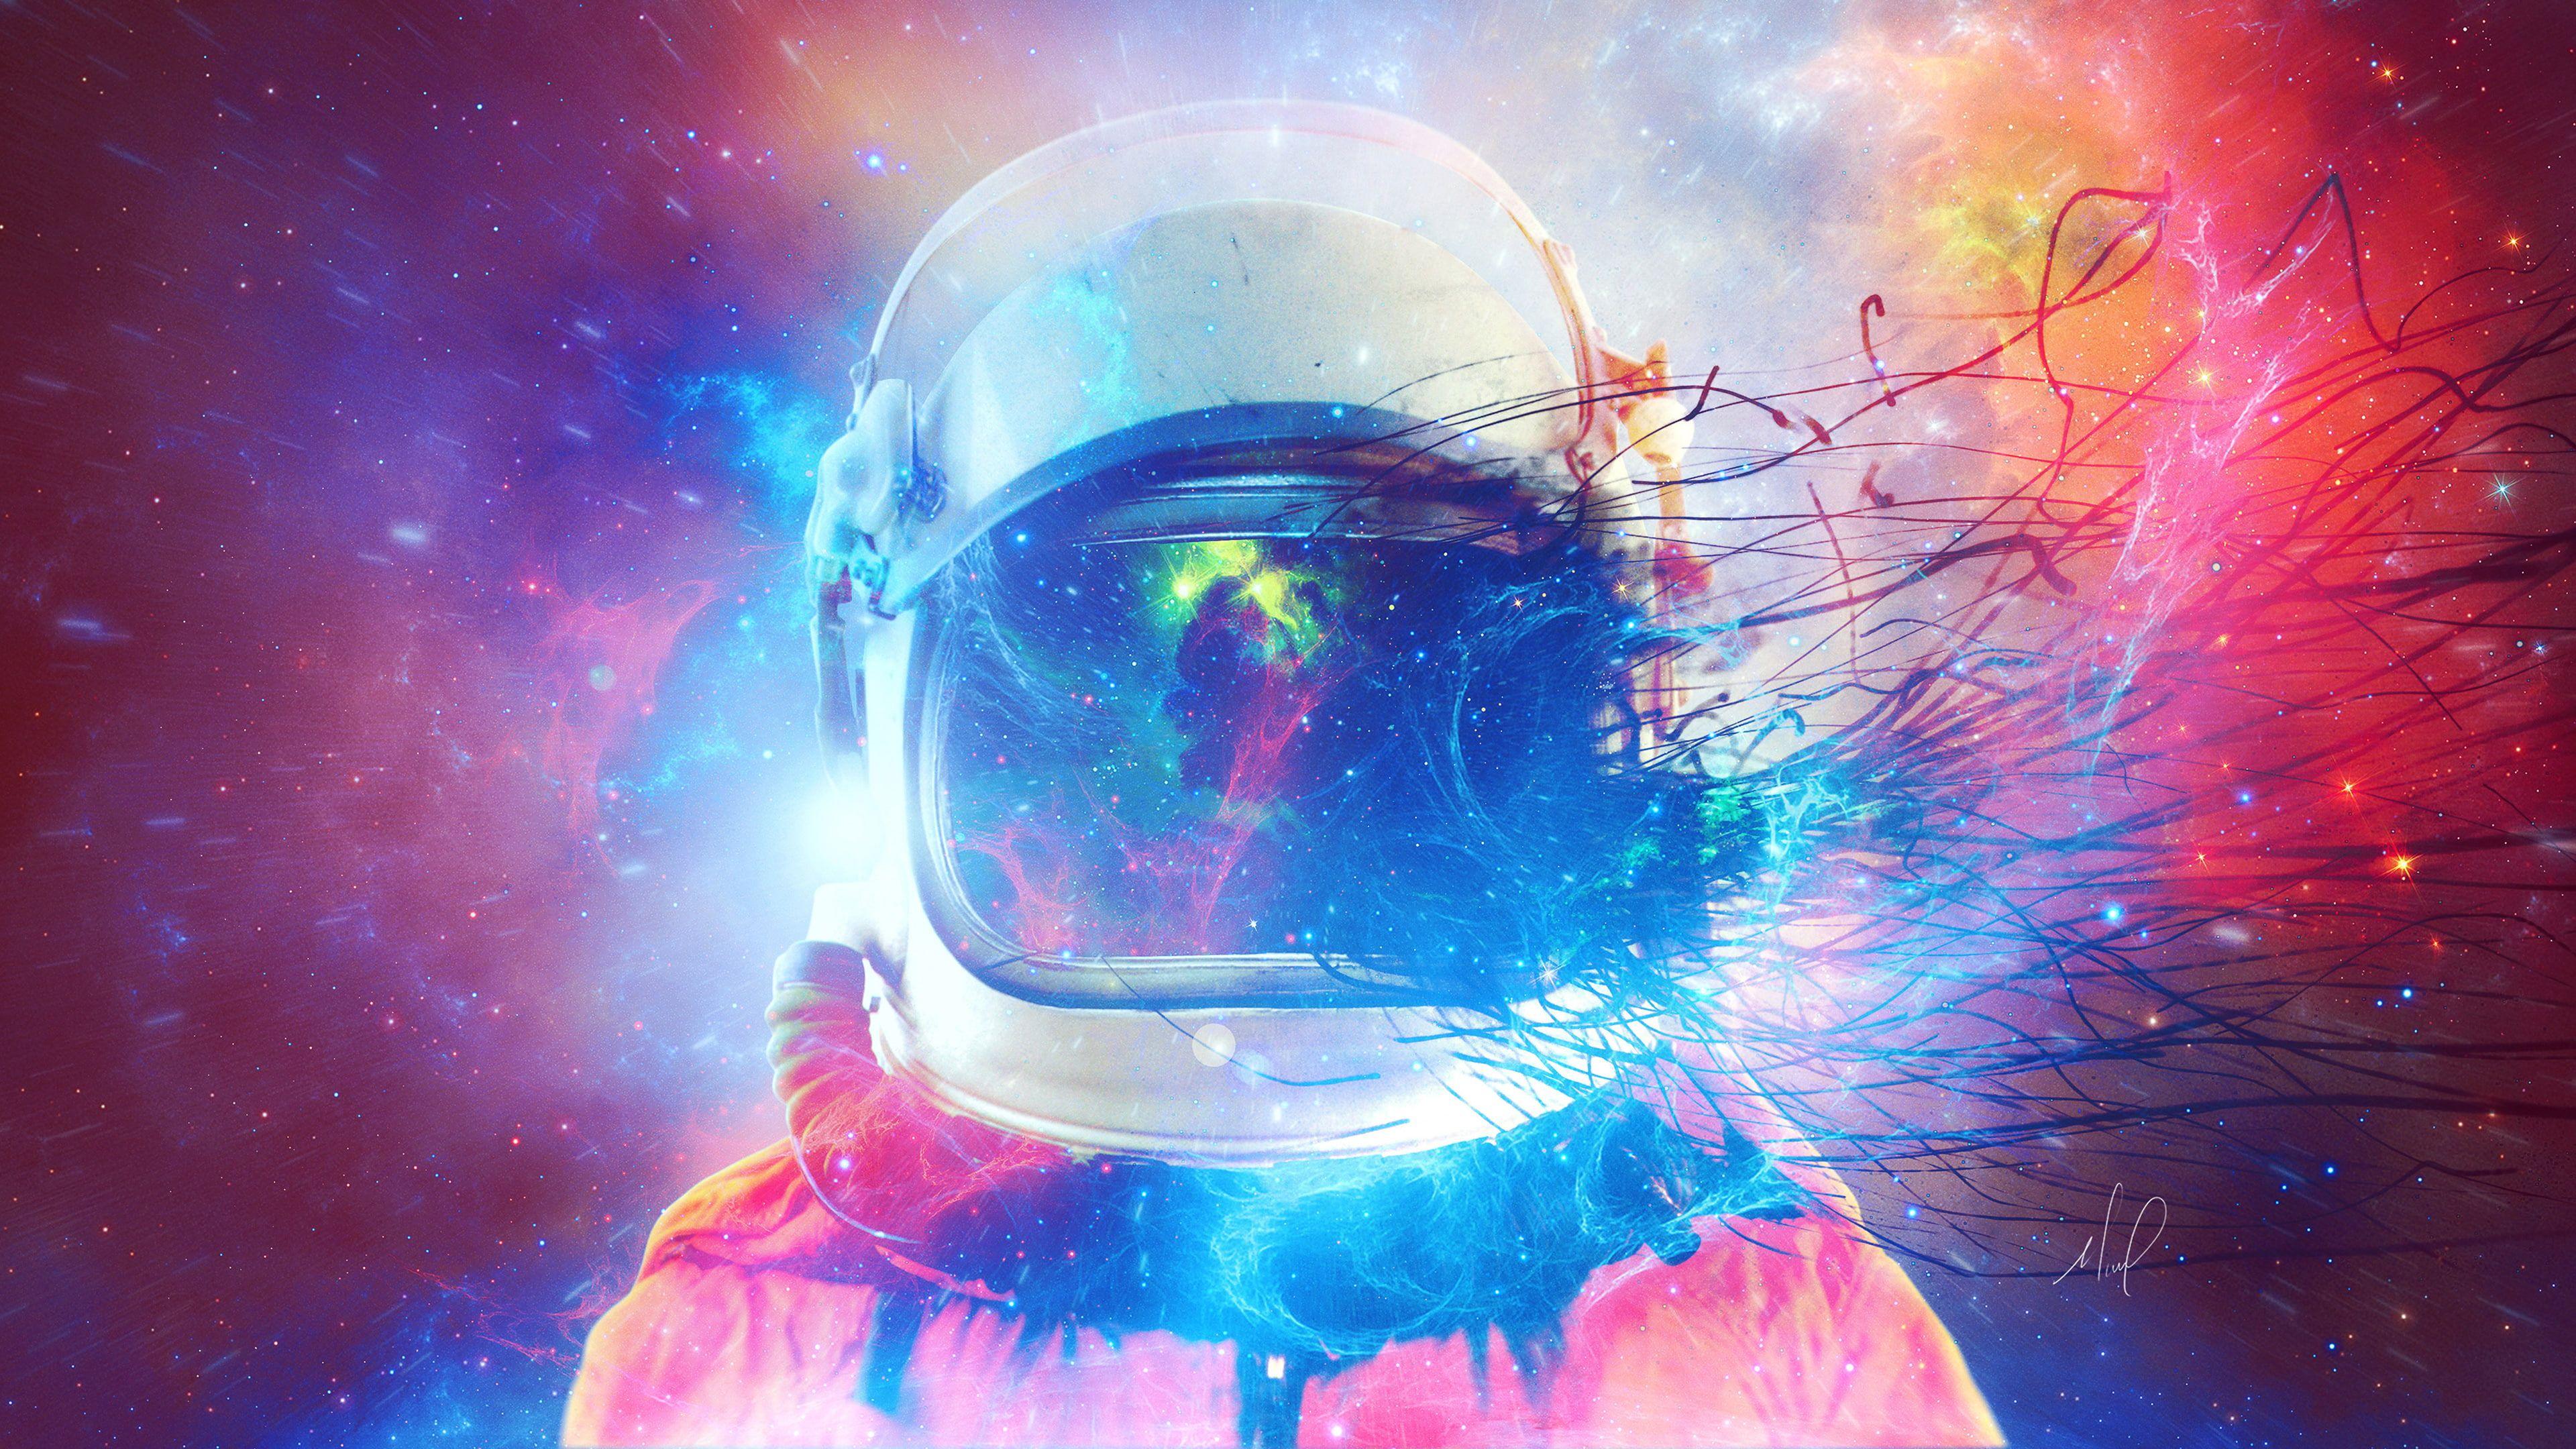 Astronaut Dream 4k Dream Astronaut 4k Wallpaper Hdwallpaper Desktop In 2020 Cartoon Wallpaper Hd Anime Wallpaper Cartoon Wallpaper